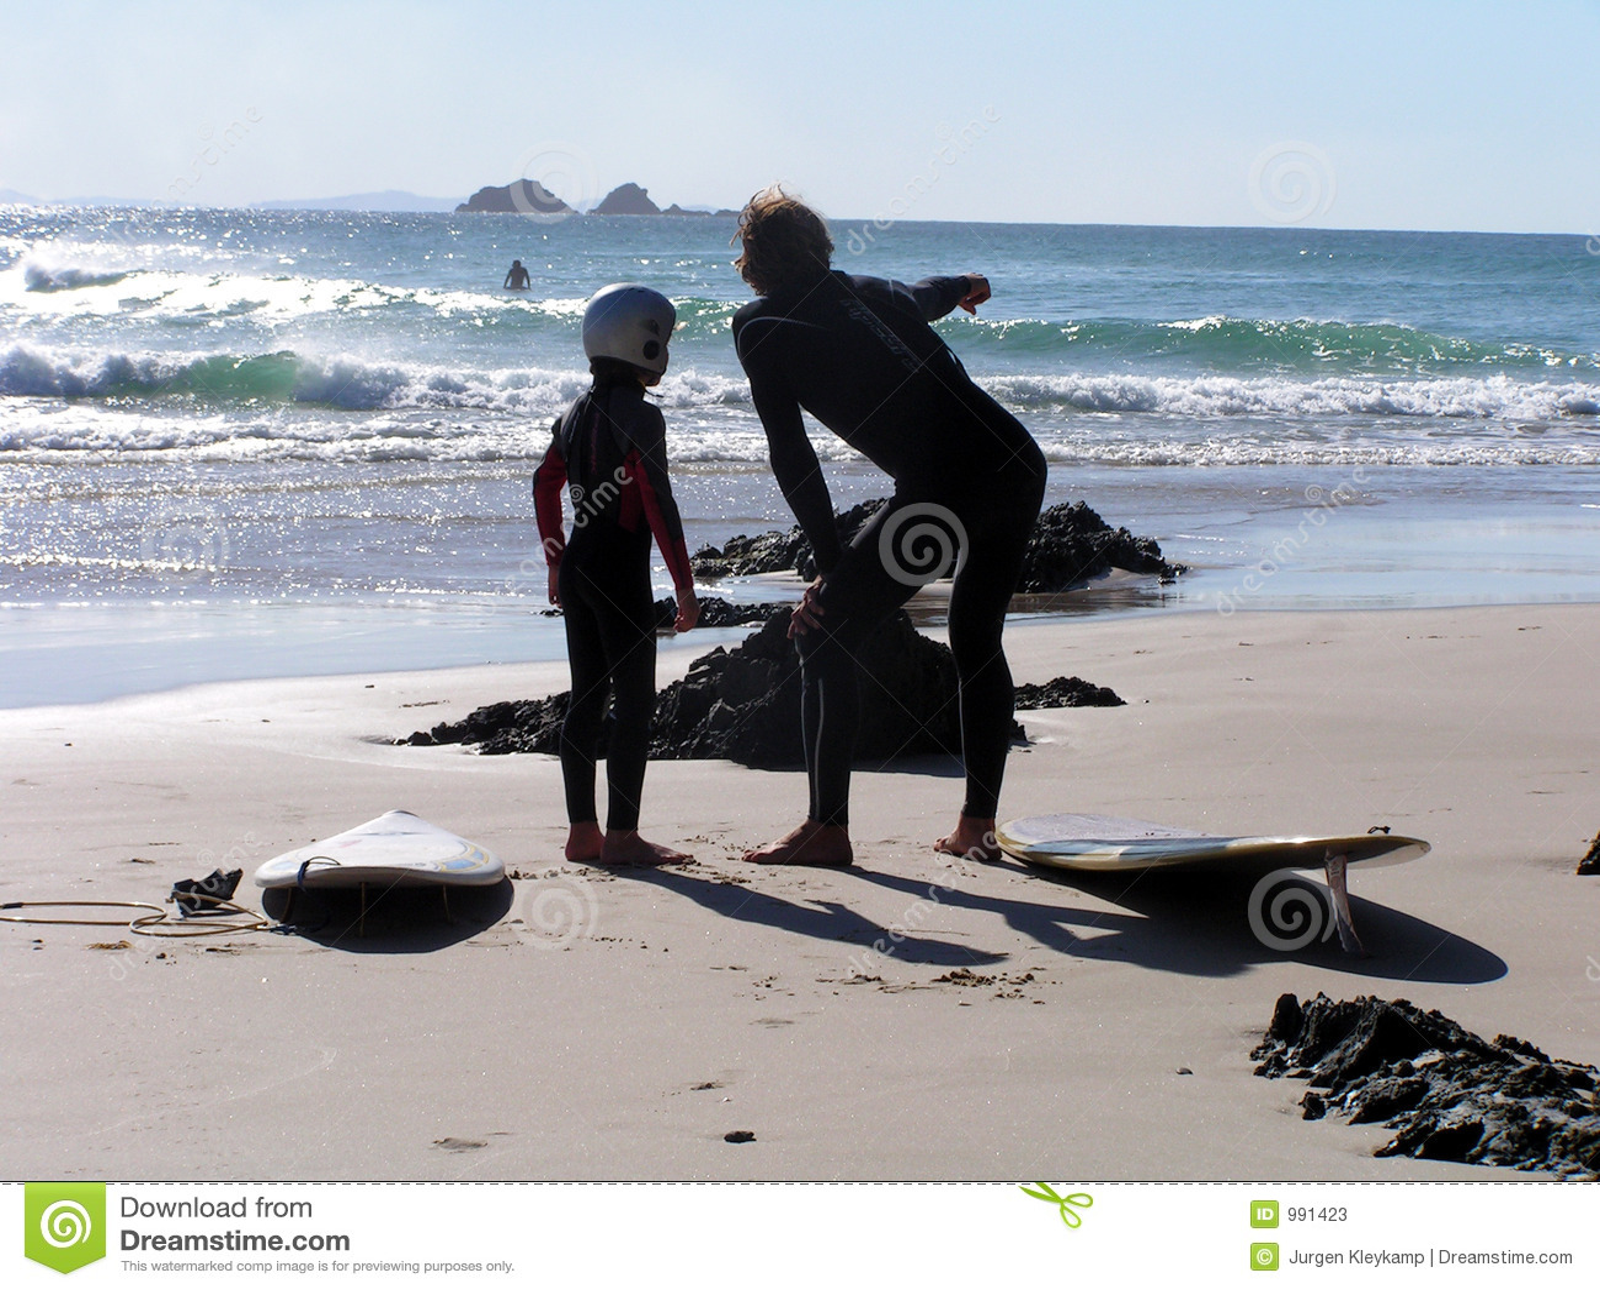 Surf instructor